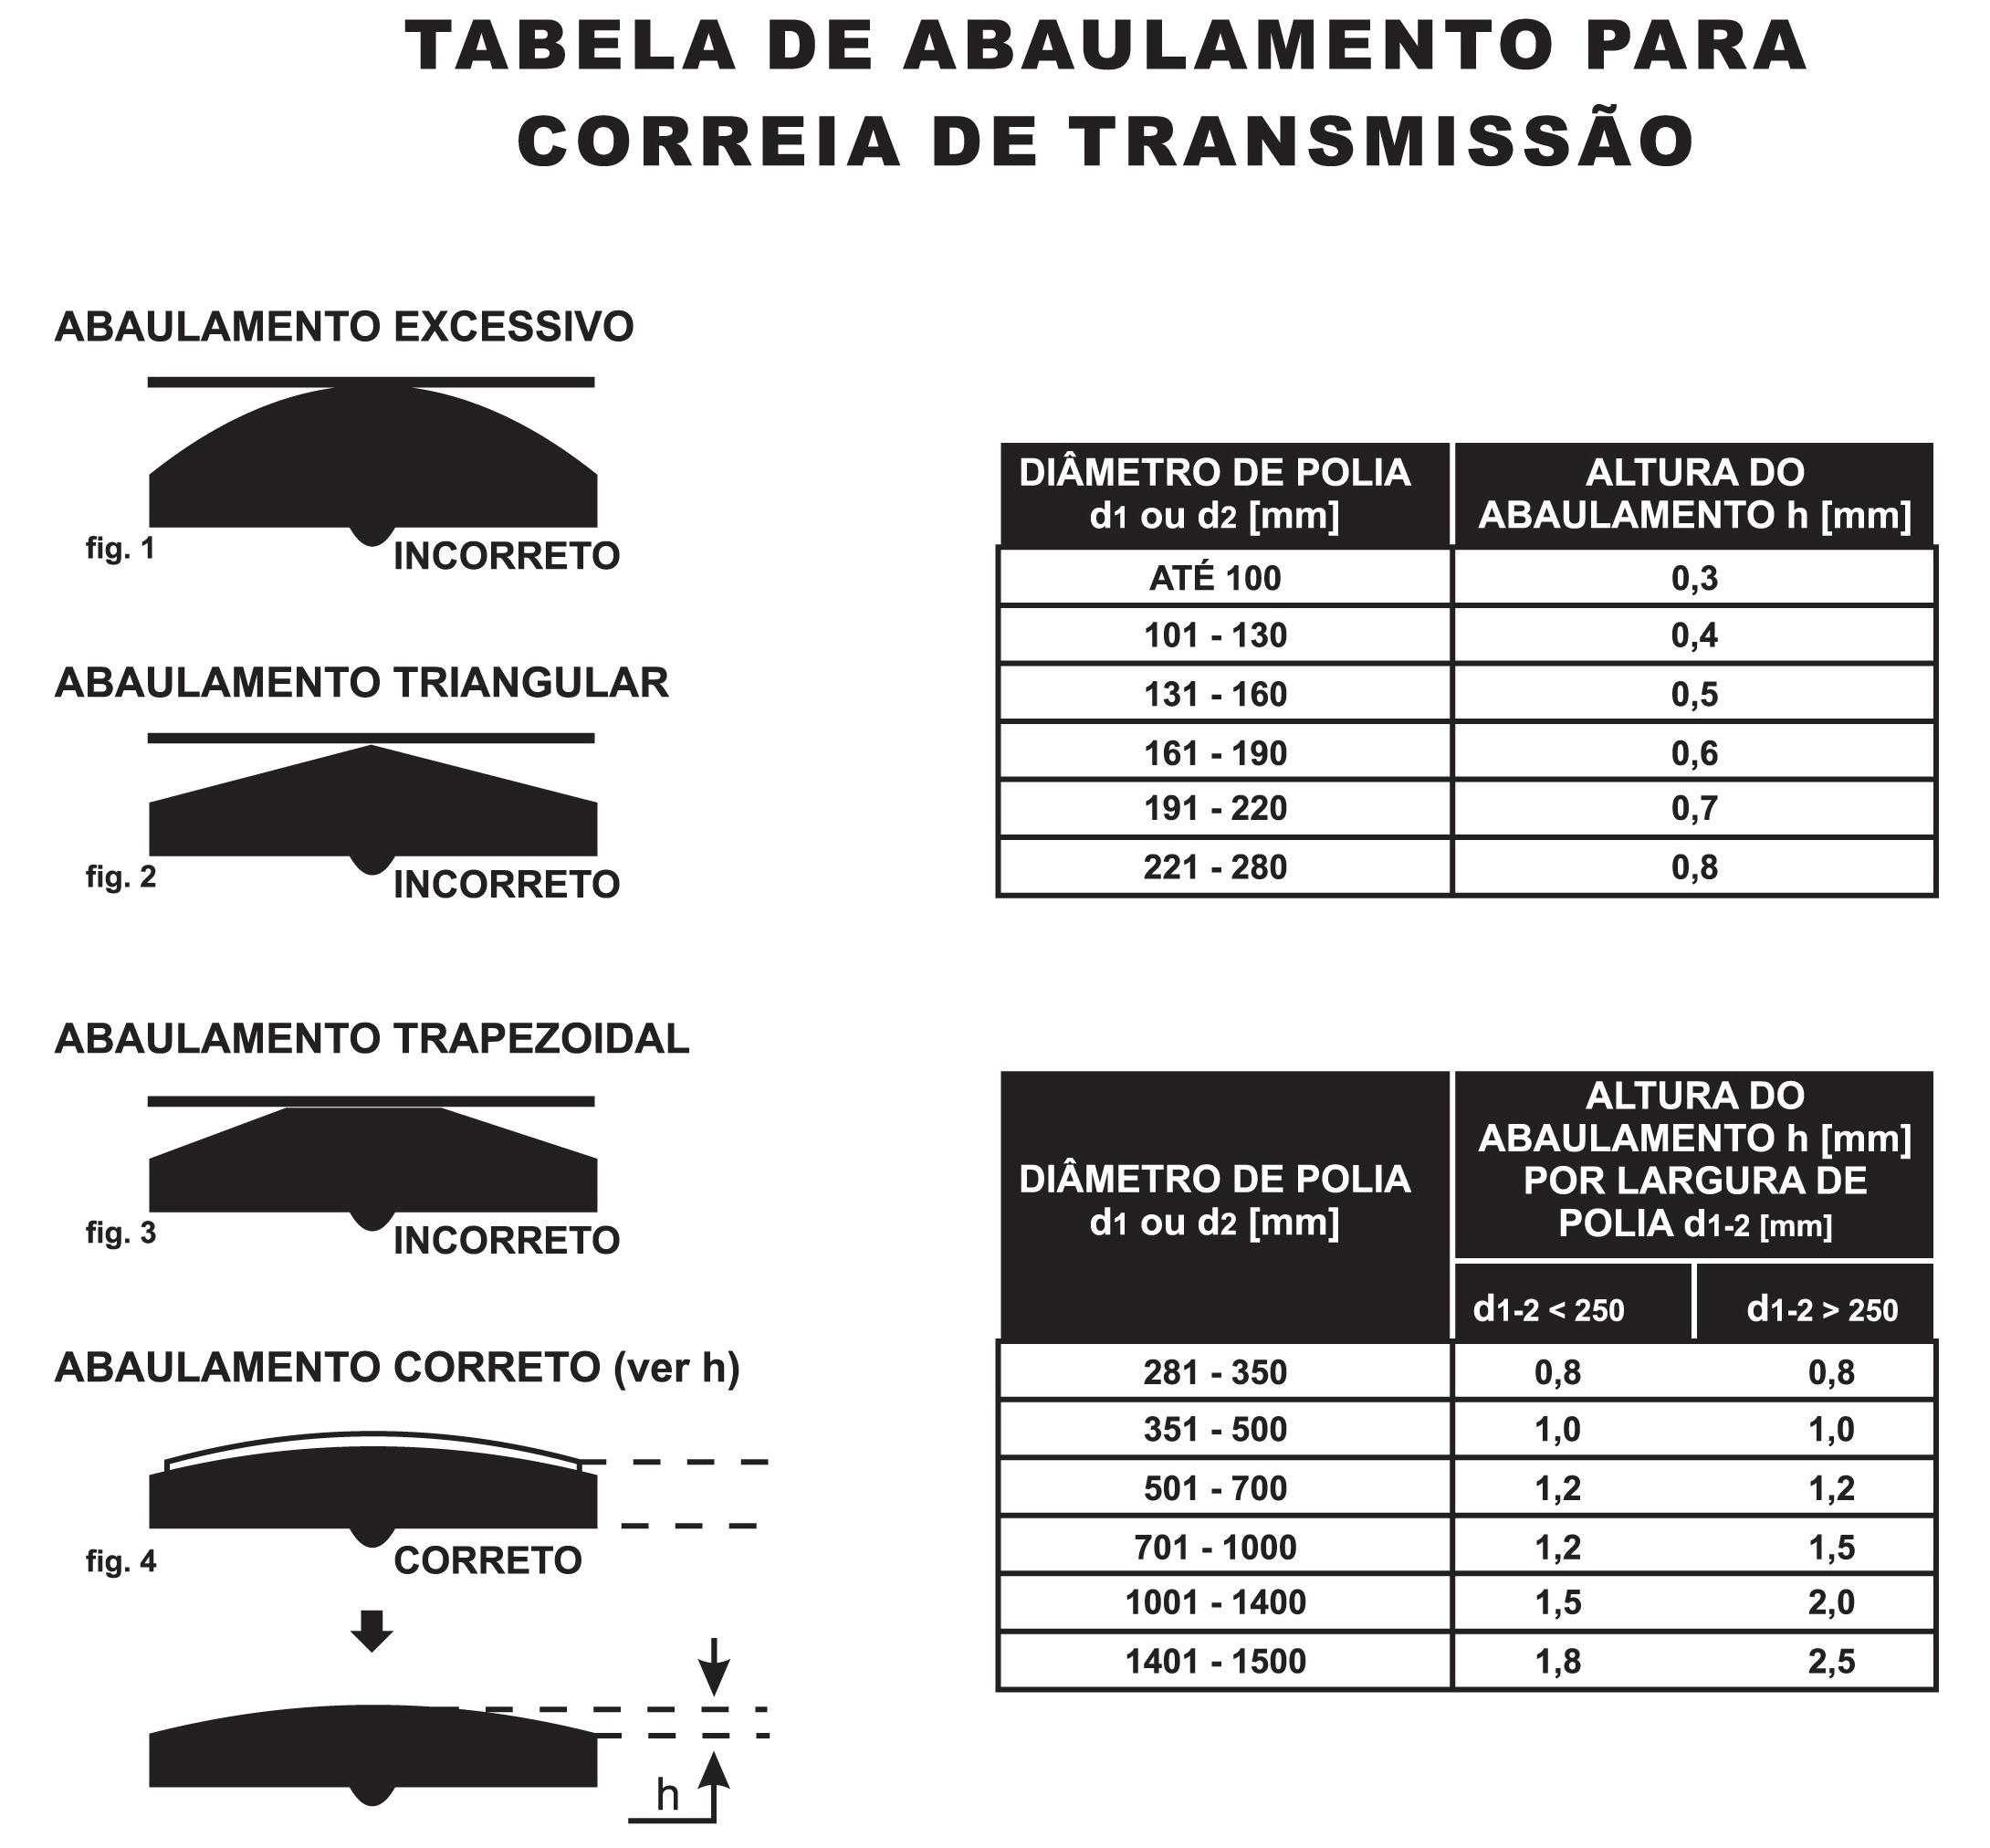 tabela-de-abaulamento-transportadora